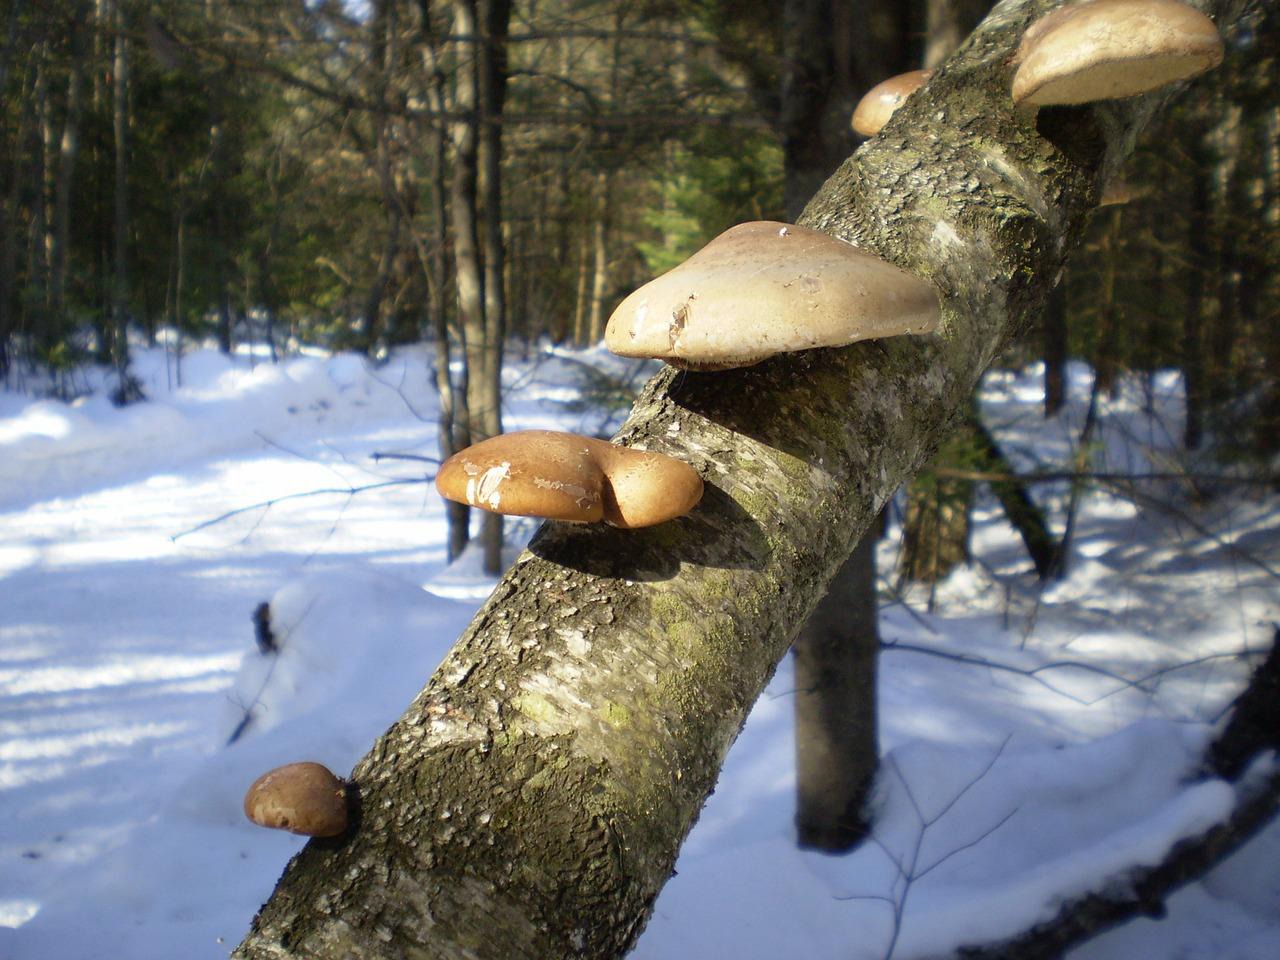 Pilze sammeln im Winter